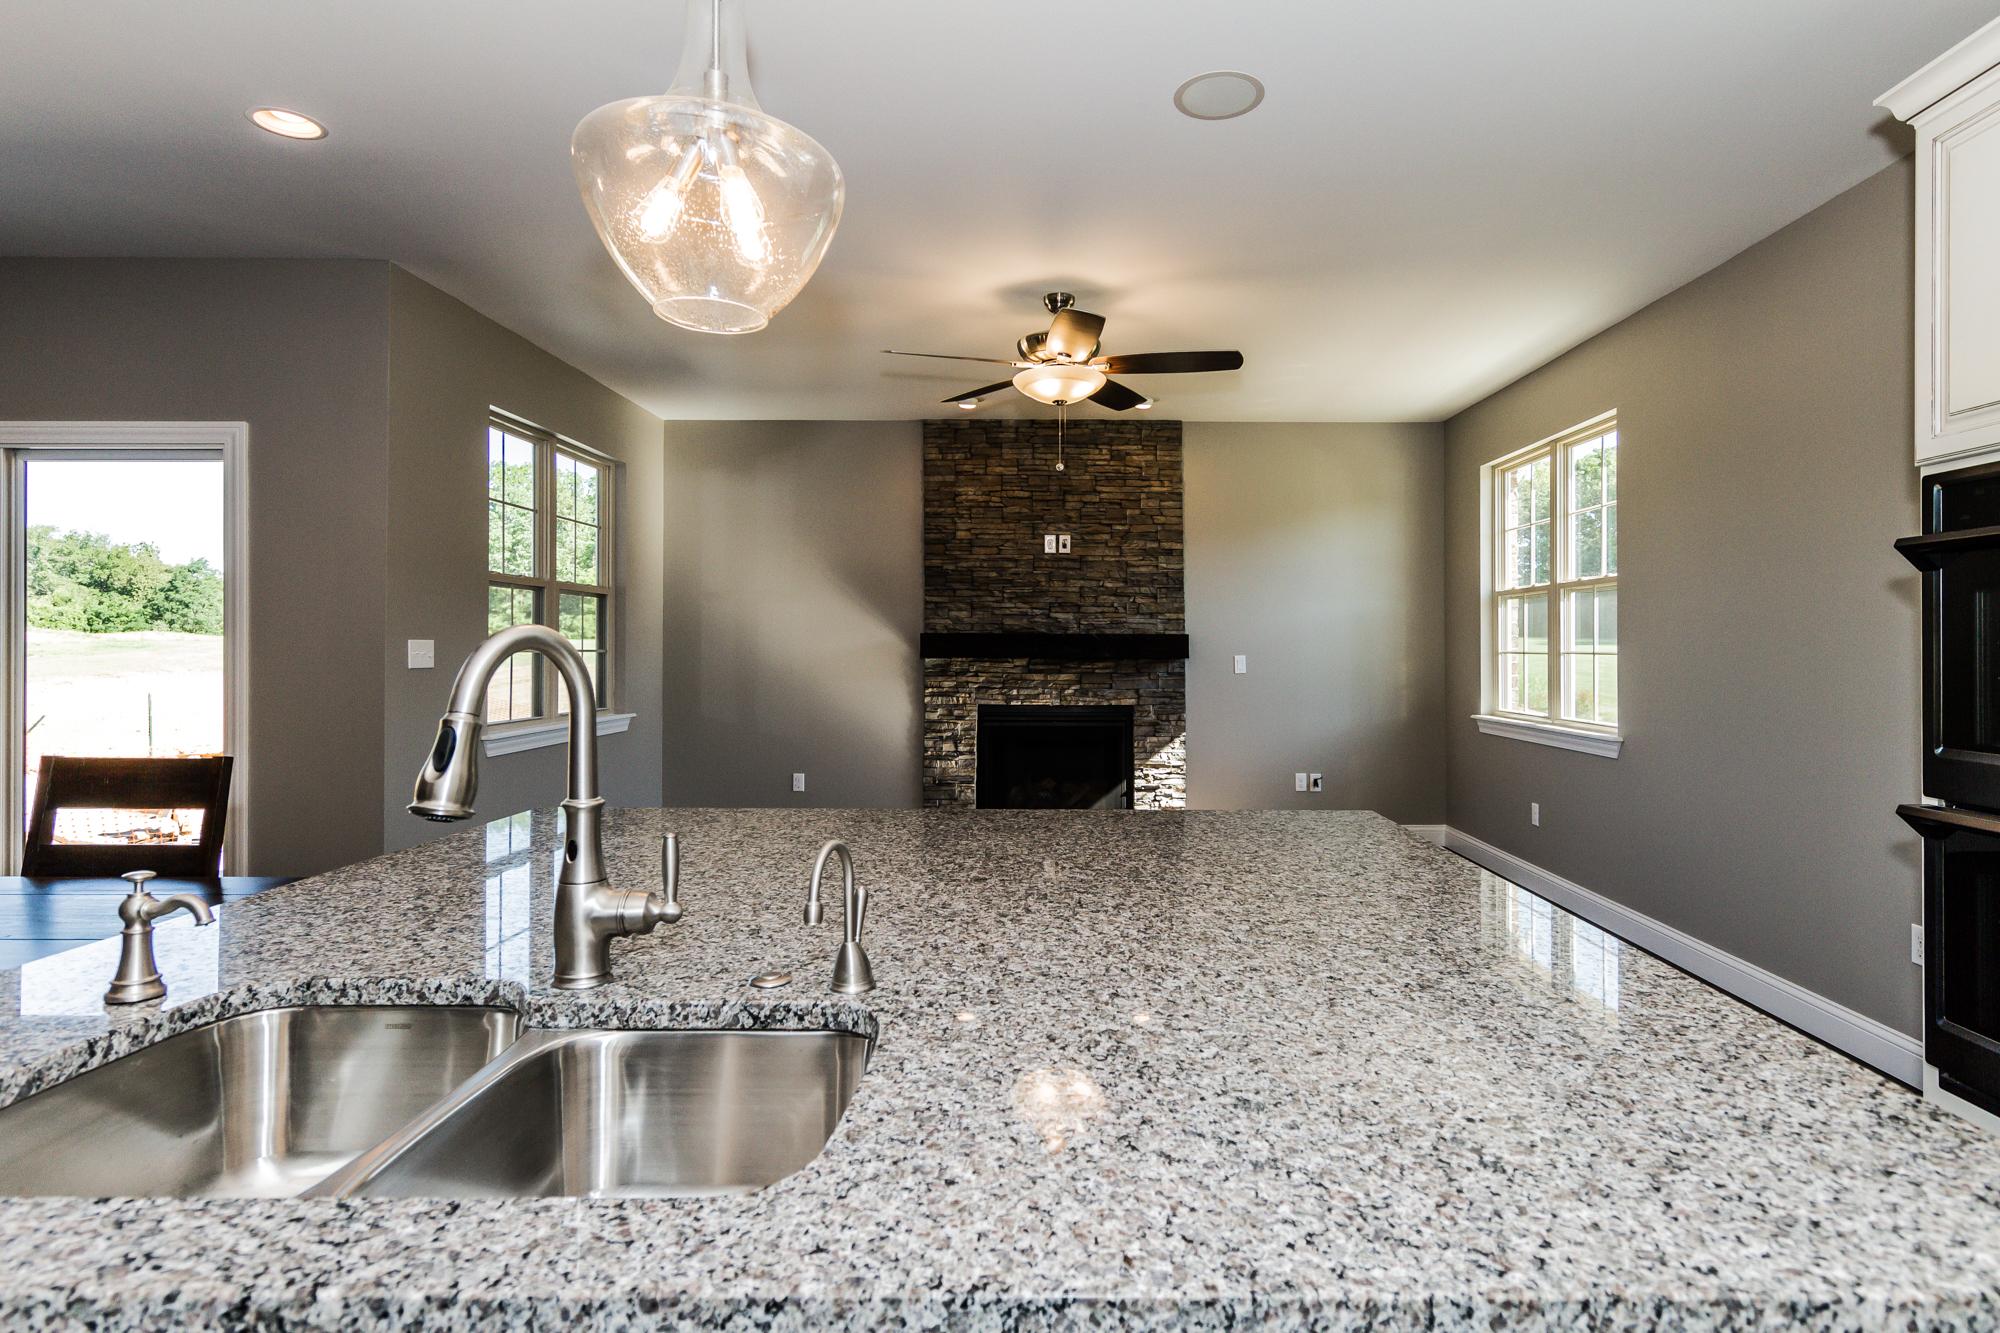 New-Construction-For-Sale-O'Fallon-Illinois-CR-Holland-0-50.0.jpg